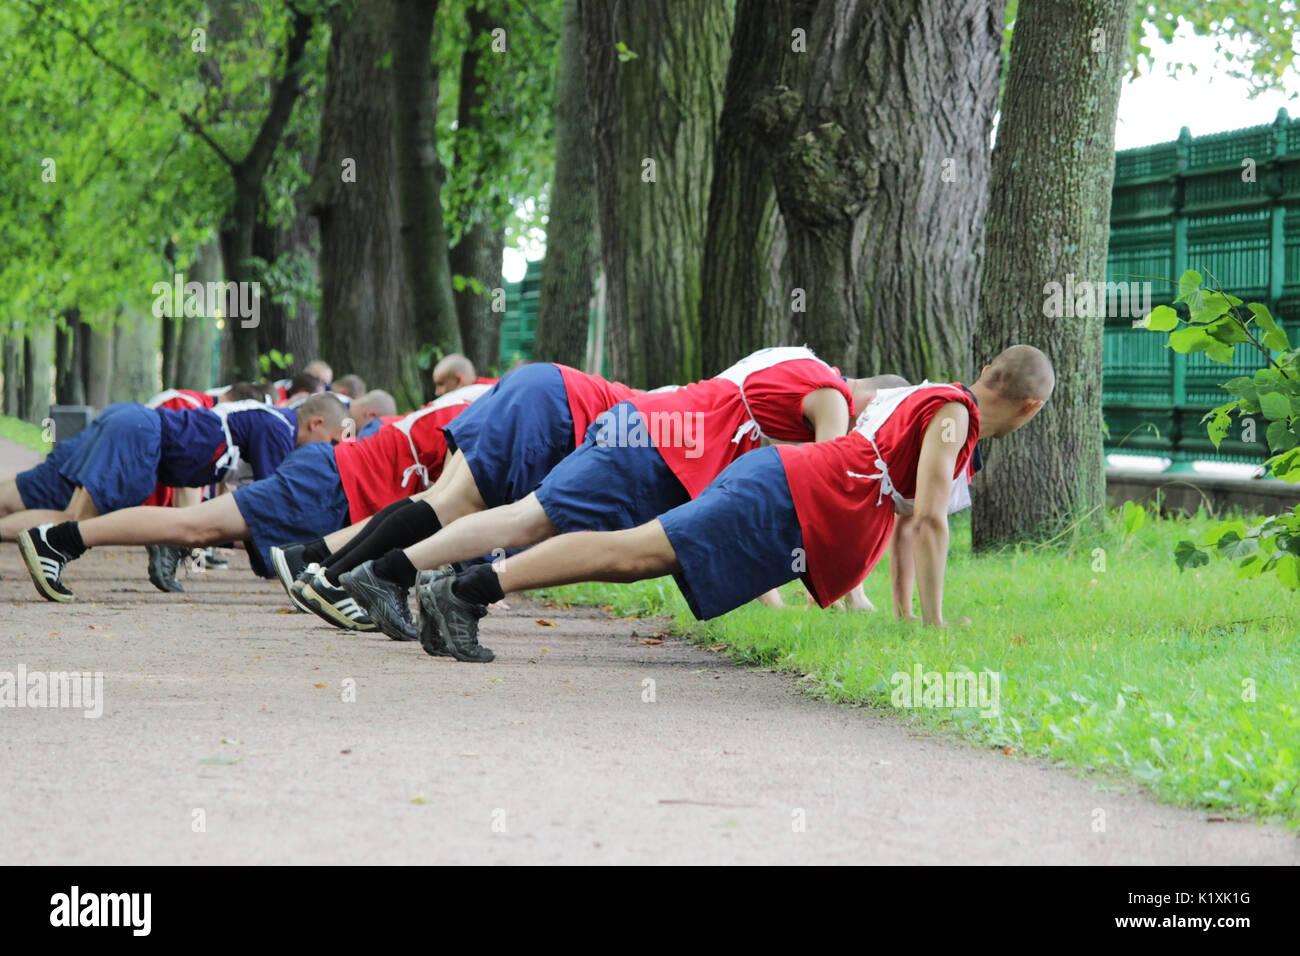 Groupe d'athlètes masculins de faire du sport dans la rue, pour éliminer du sol. Photo Stock